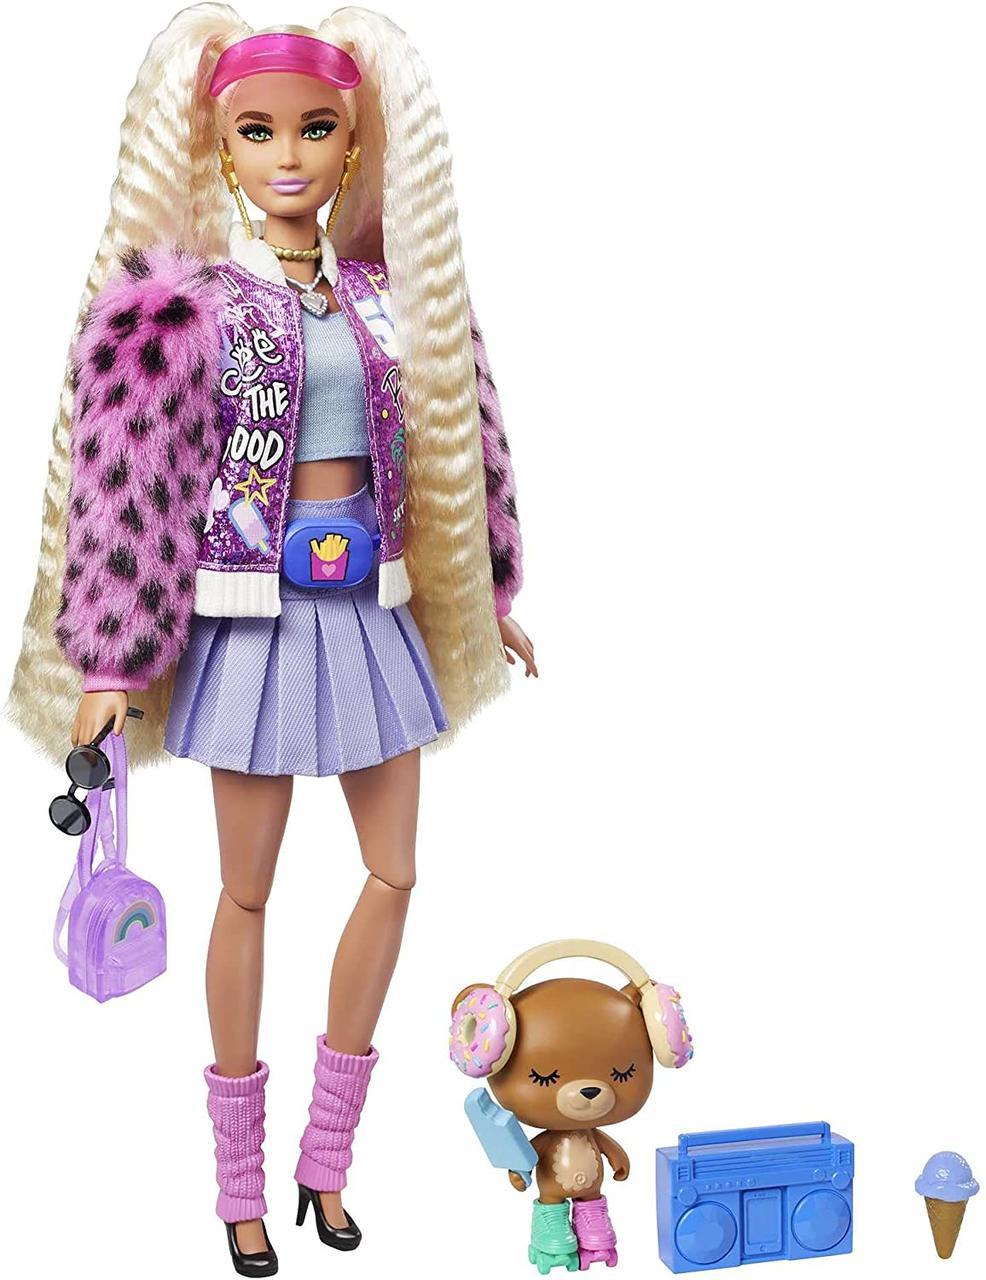 Кукла Барби Экстра Блондинка с косичками в куртке с пушистыми рукавами - Barbie Extra Doll #8 GYJ77